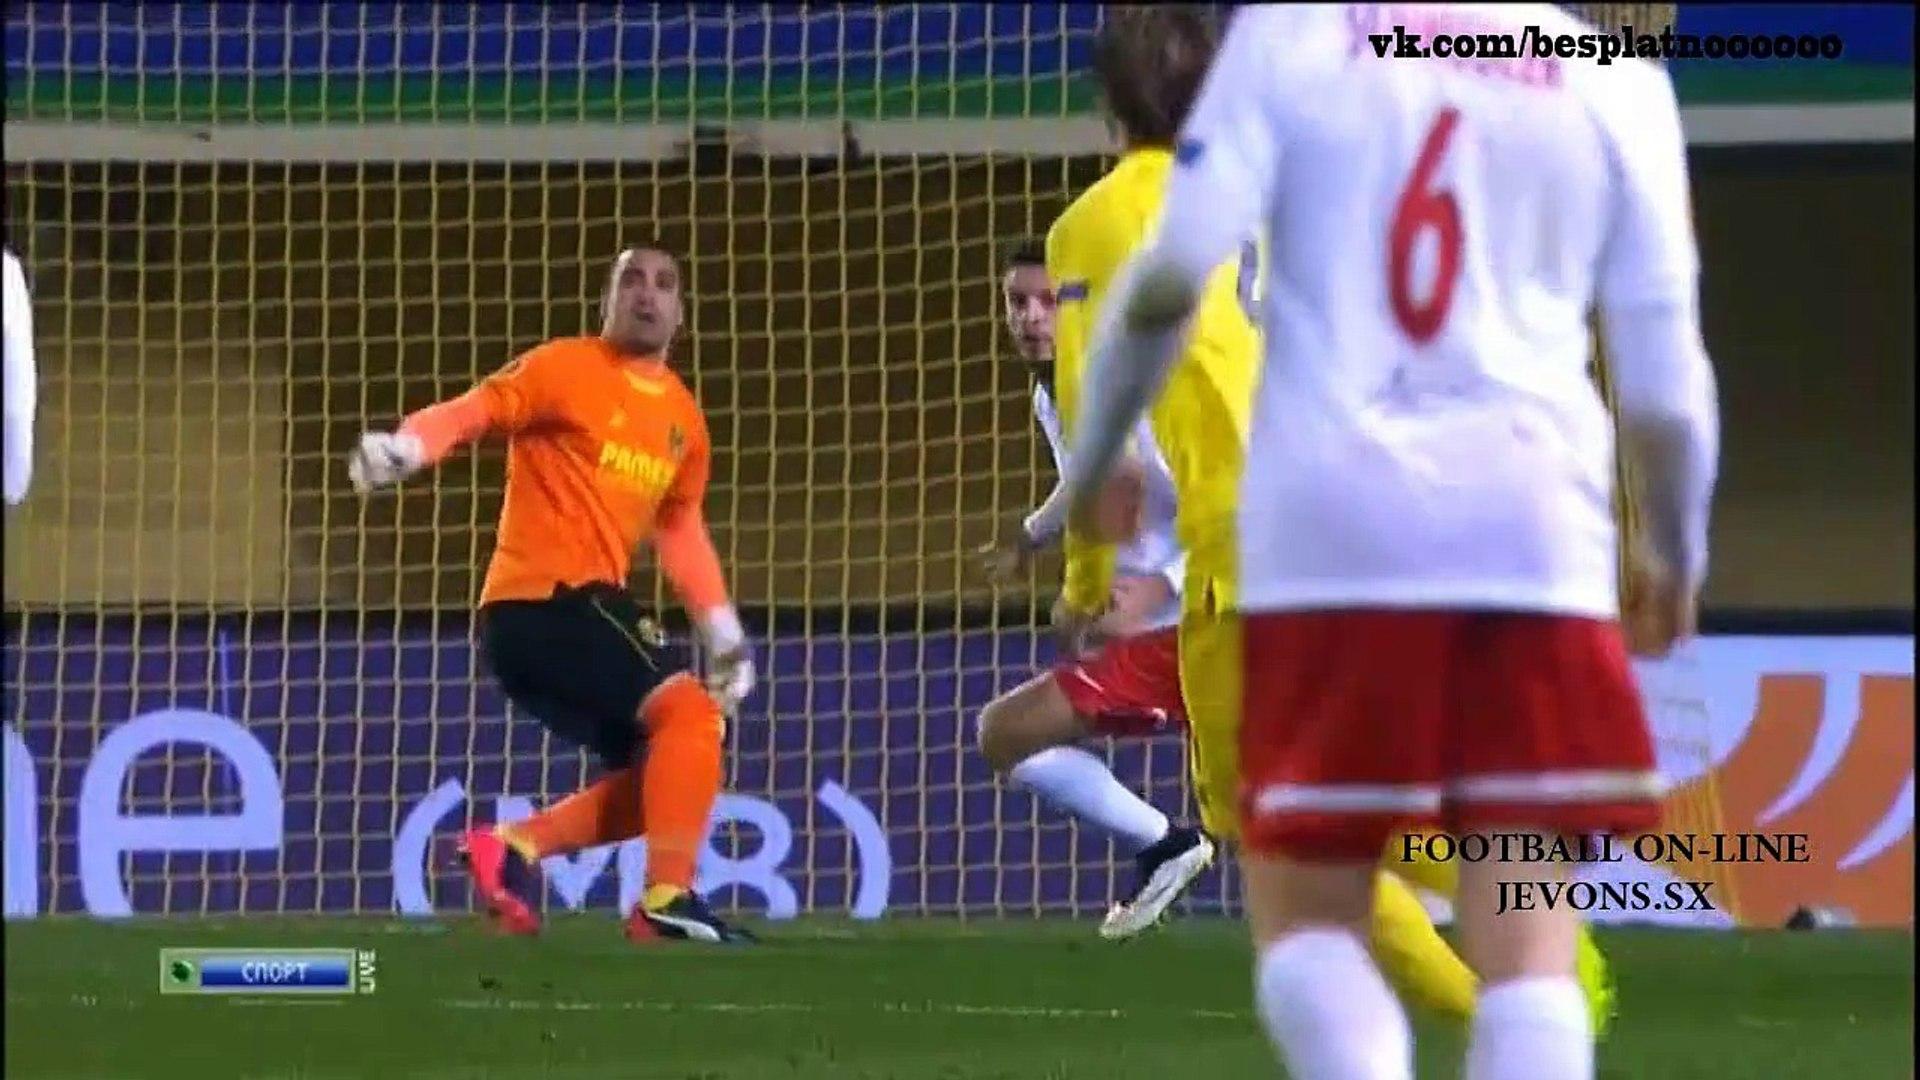 Вильярреал - Зальцбург 2-1. Видео обзор. Лига Европы УЕФА 2014-2015. 19.02.2015 Highlights